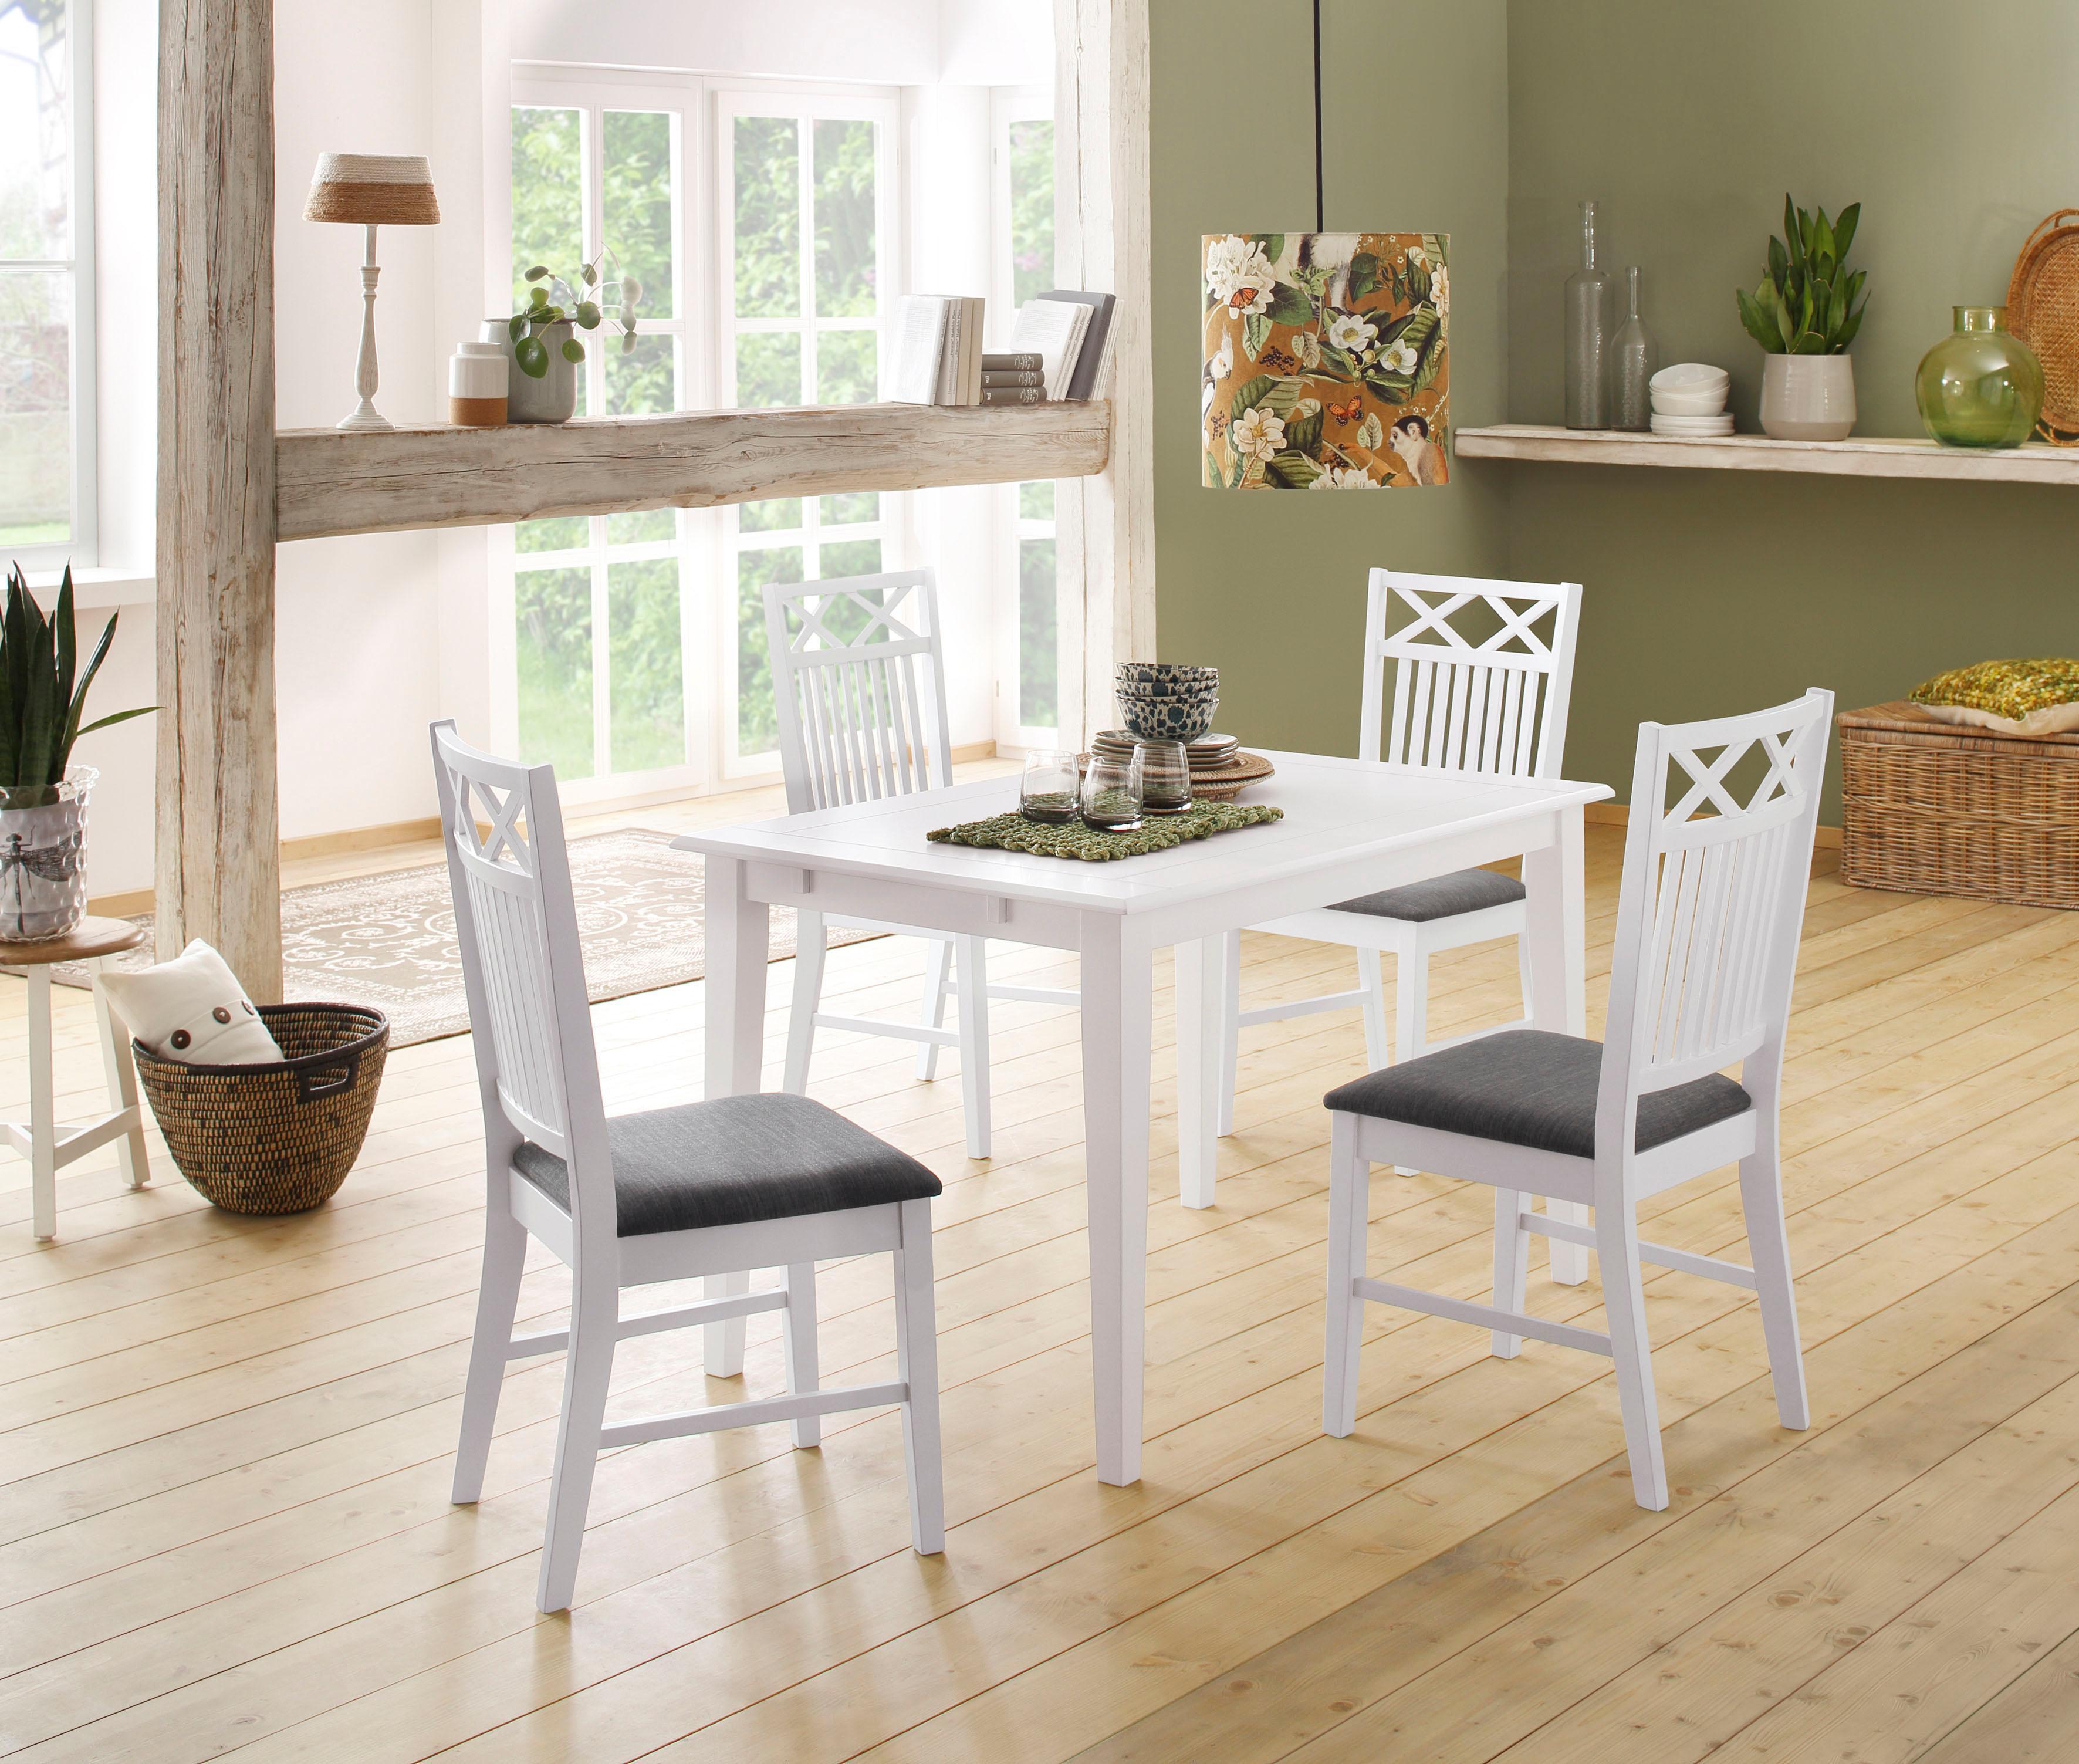 Home affaire Essgruppenset Olvera aus massivem Kiefernholz bestehend aus Fullerton Esstisch 120 cm und 4 Sonoma Esszimmerstühlen (5-tlg)